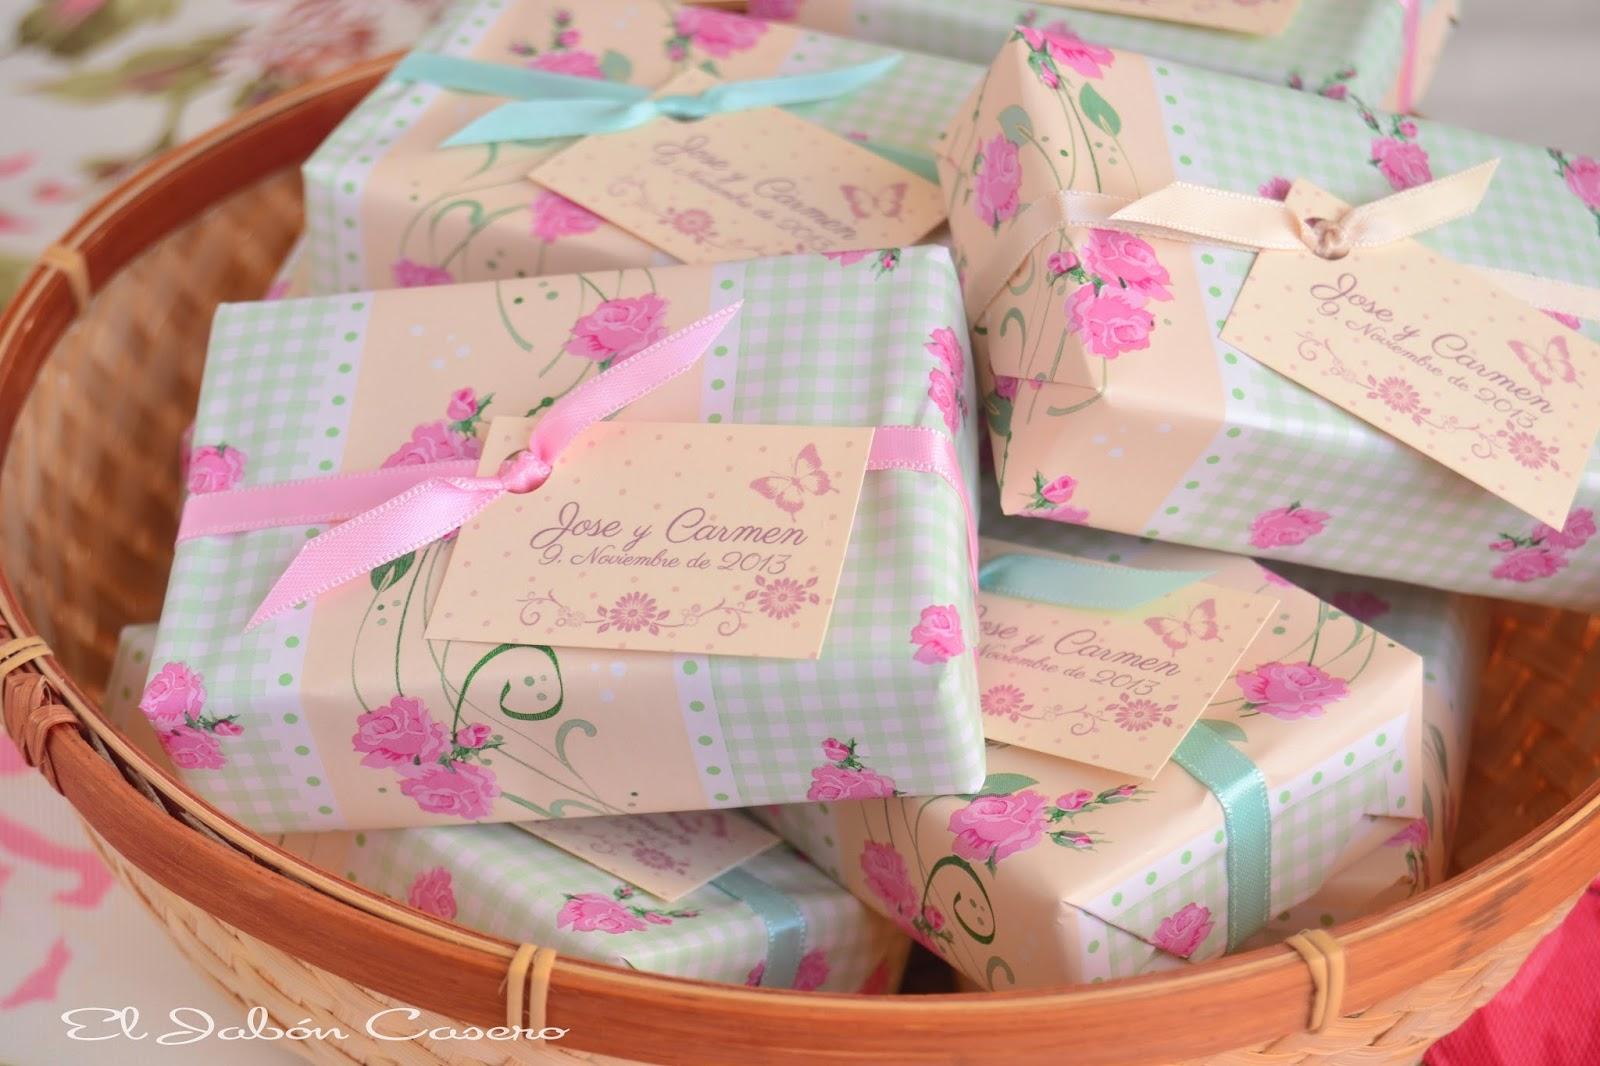 Detalles de boda romantica jabones hechos a mano